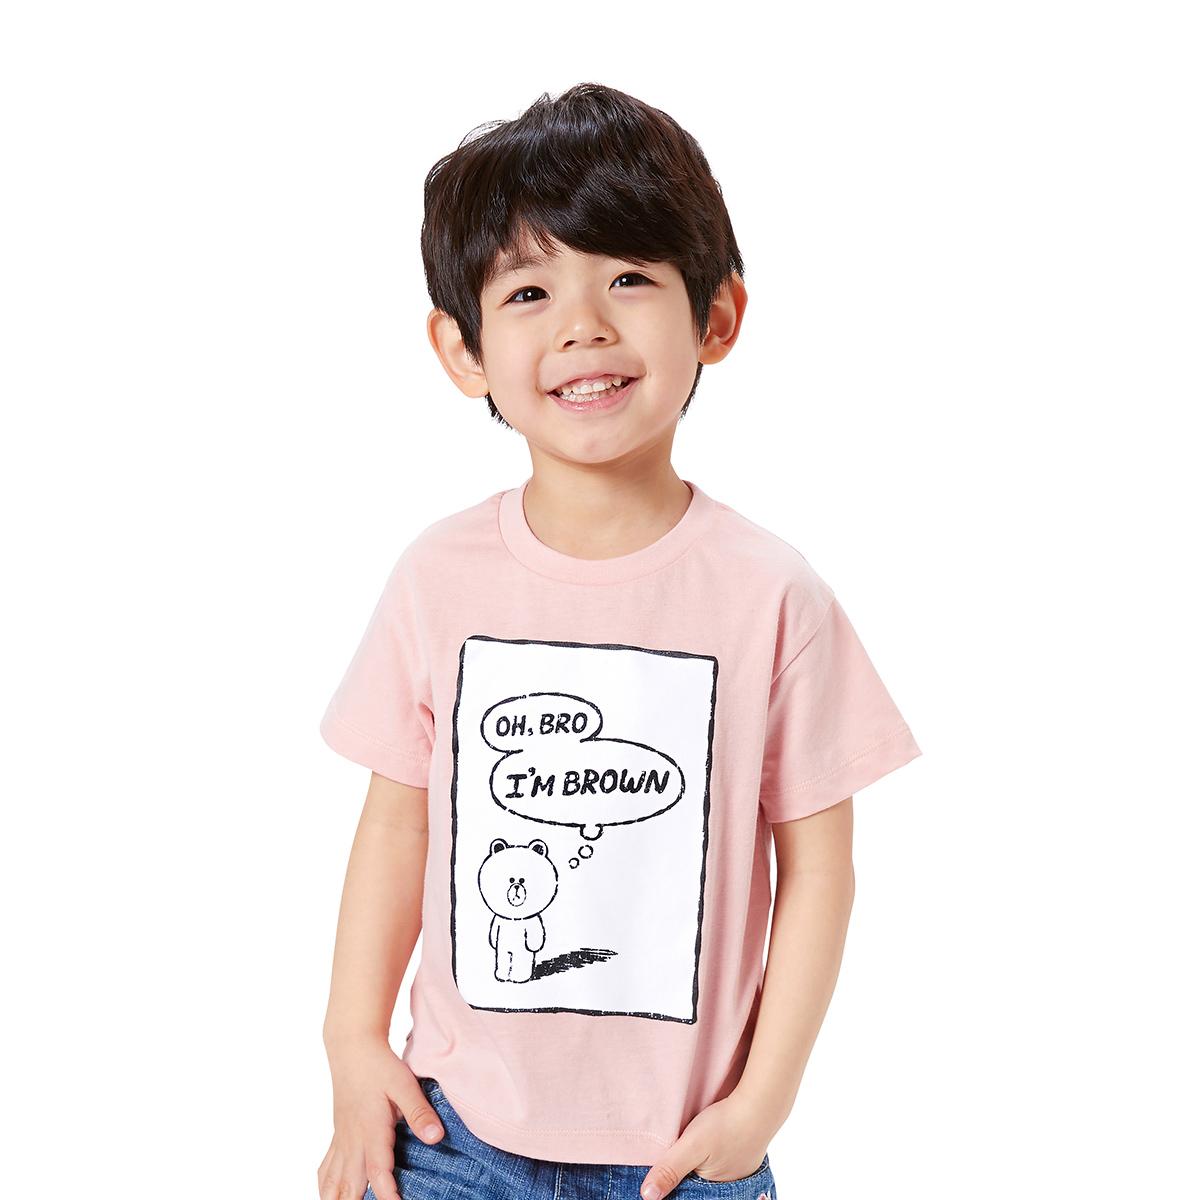 인디핑크 아임브라운 키즈 반팔 티셔츠